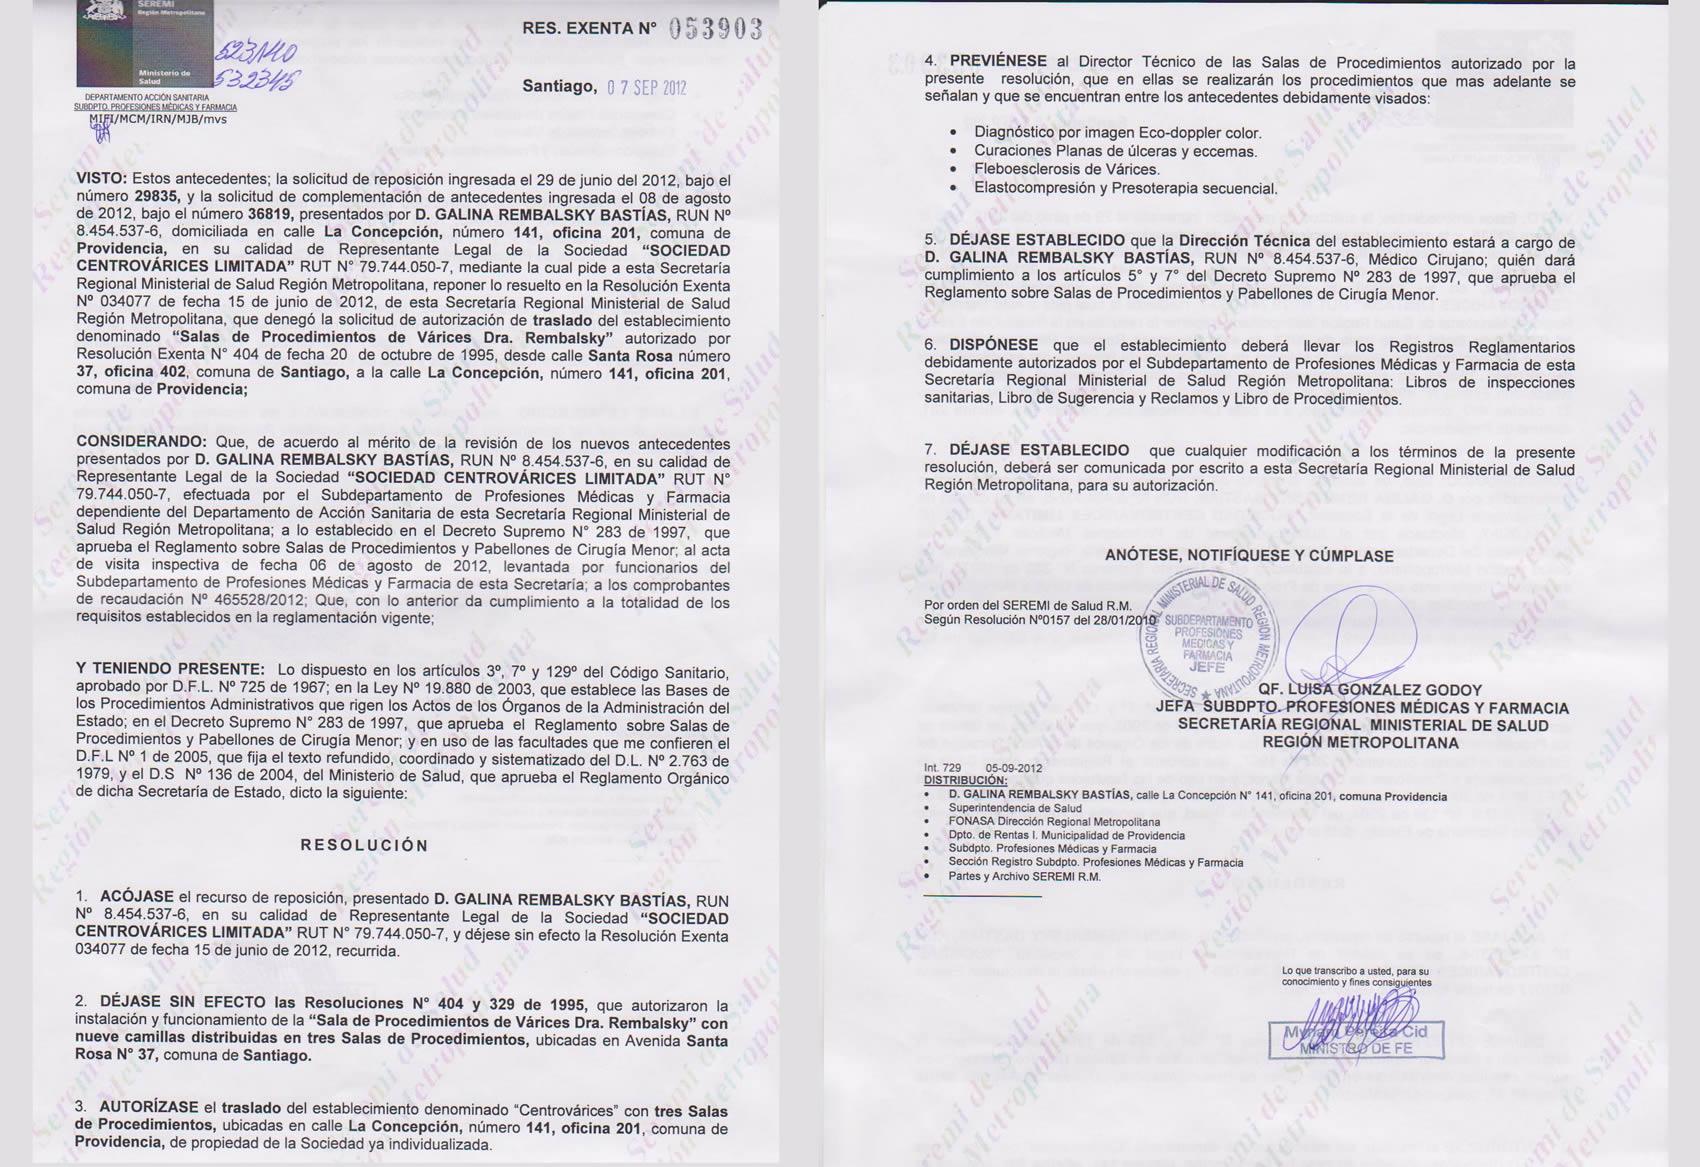 DOCUMENTO_DEL_SEREMI_RESOLUCION